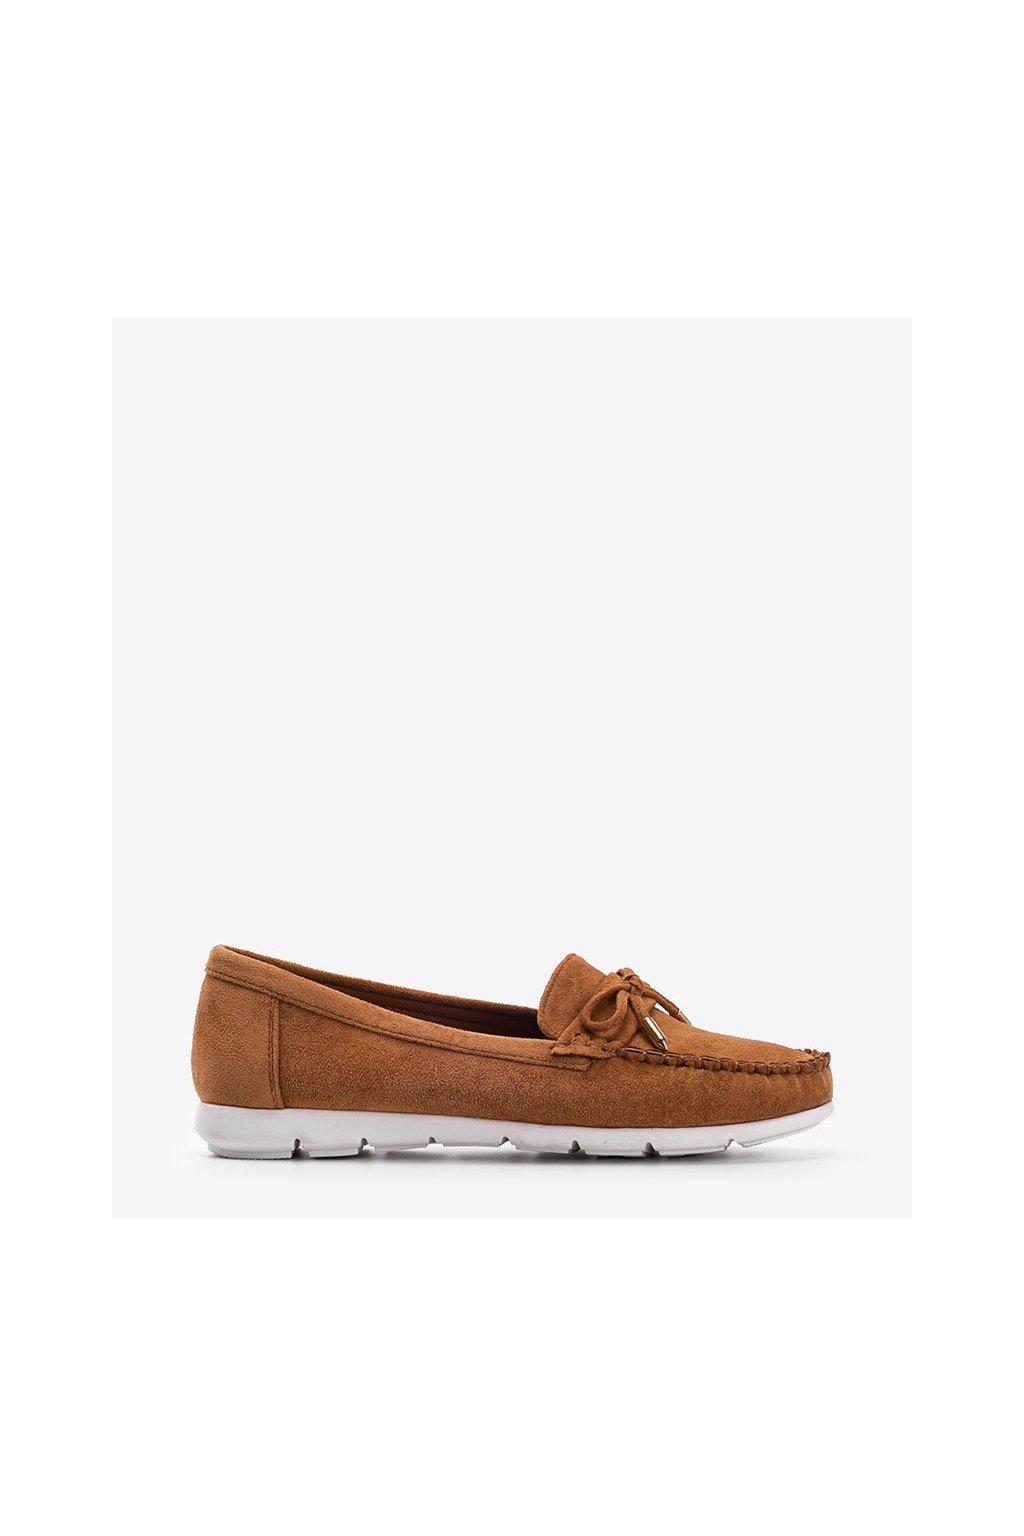 Dámske topánky mokasíny hnedé kód RQ-2 - GM